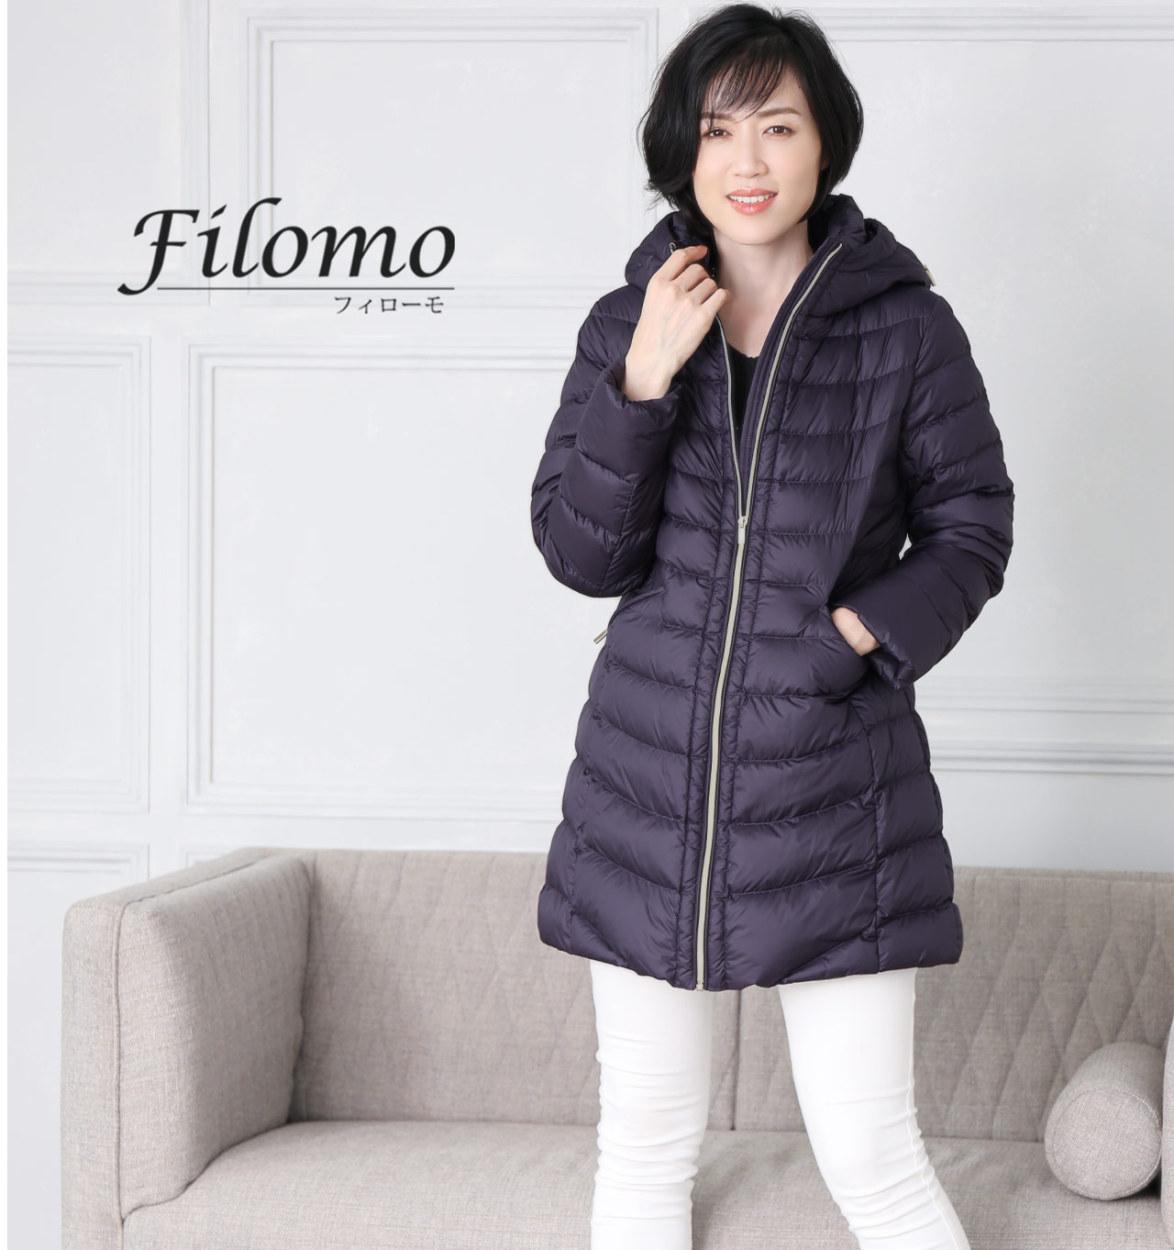 Filomo ブランド ミドル丈 ダウンコート レディース フード付き 軽い